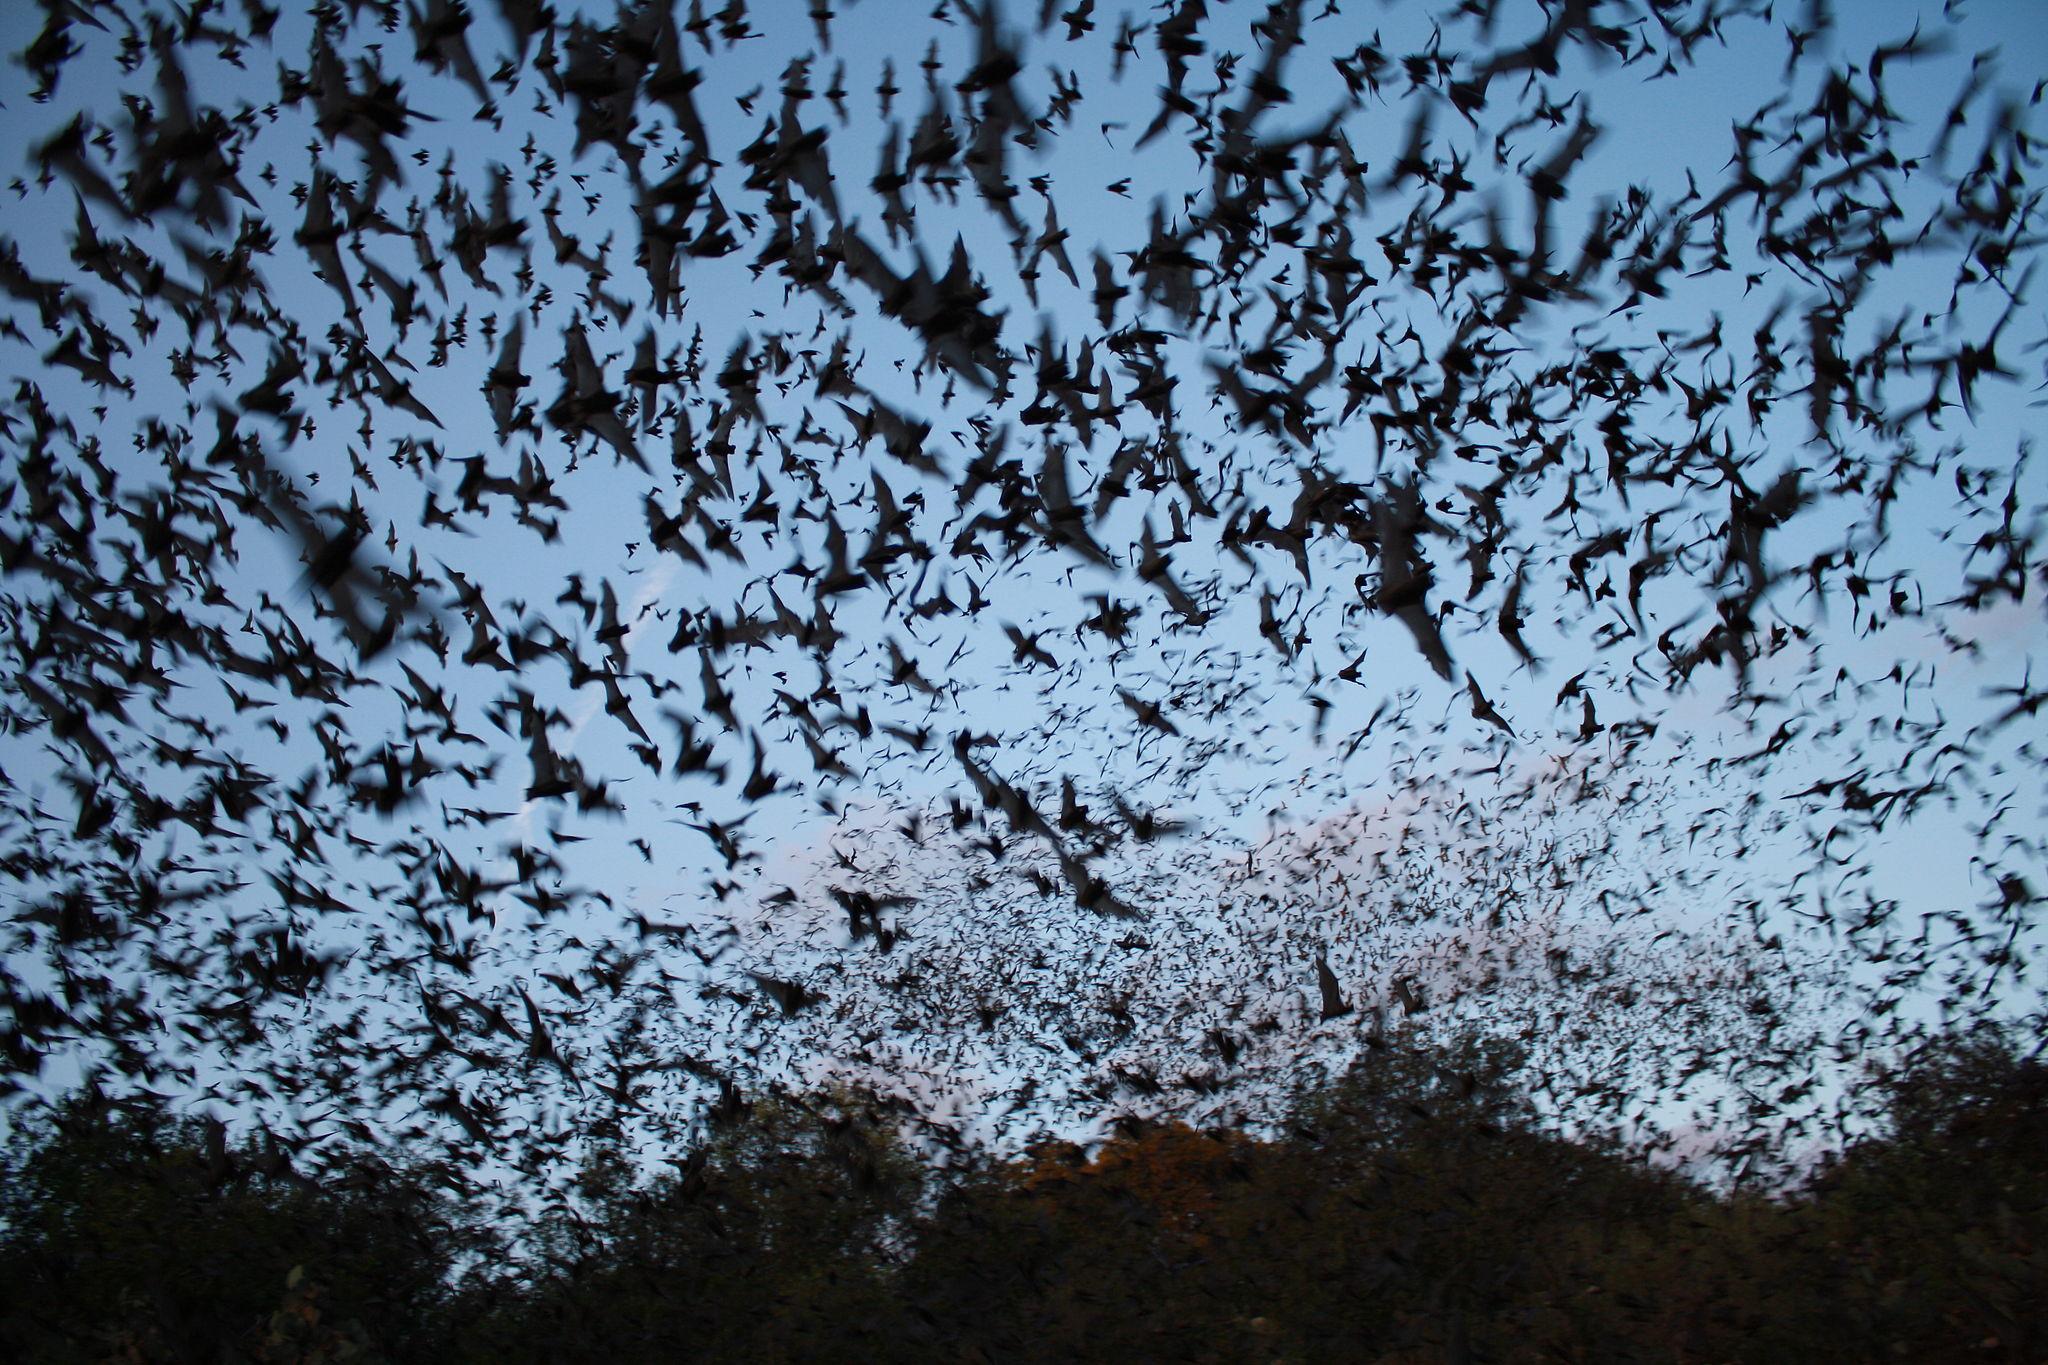 Epische Fledermauswanderung in Sambia